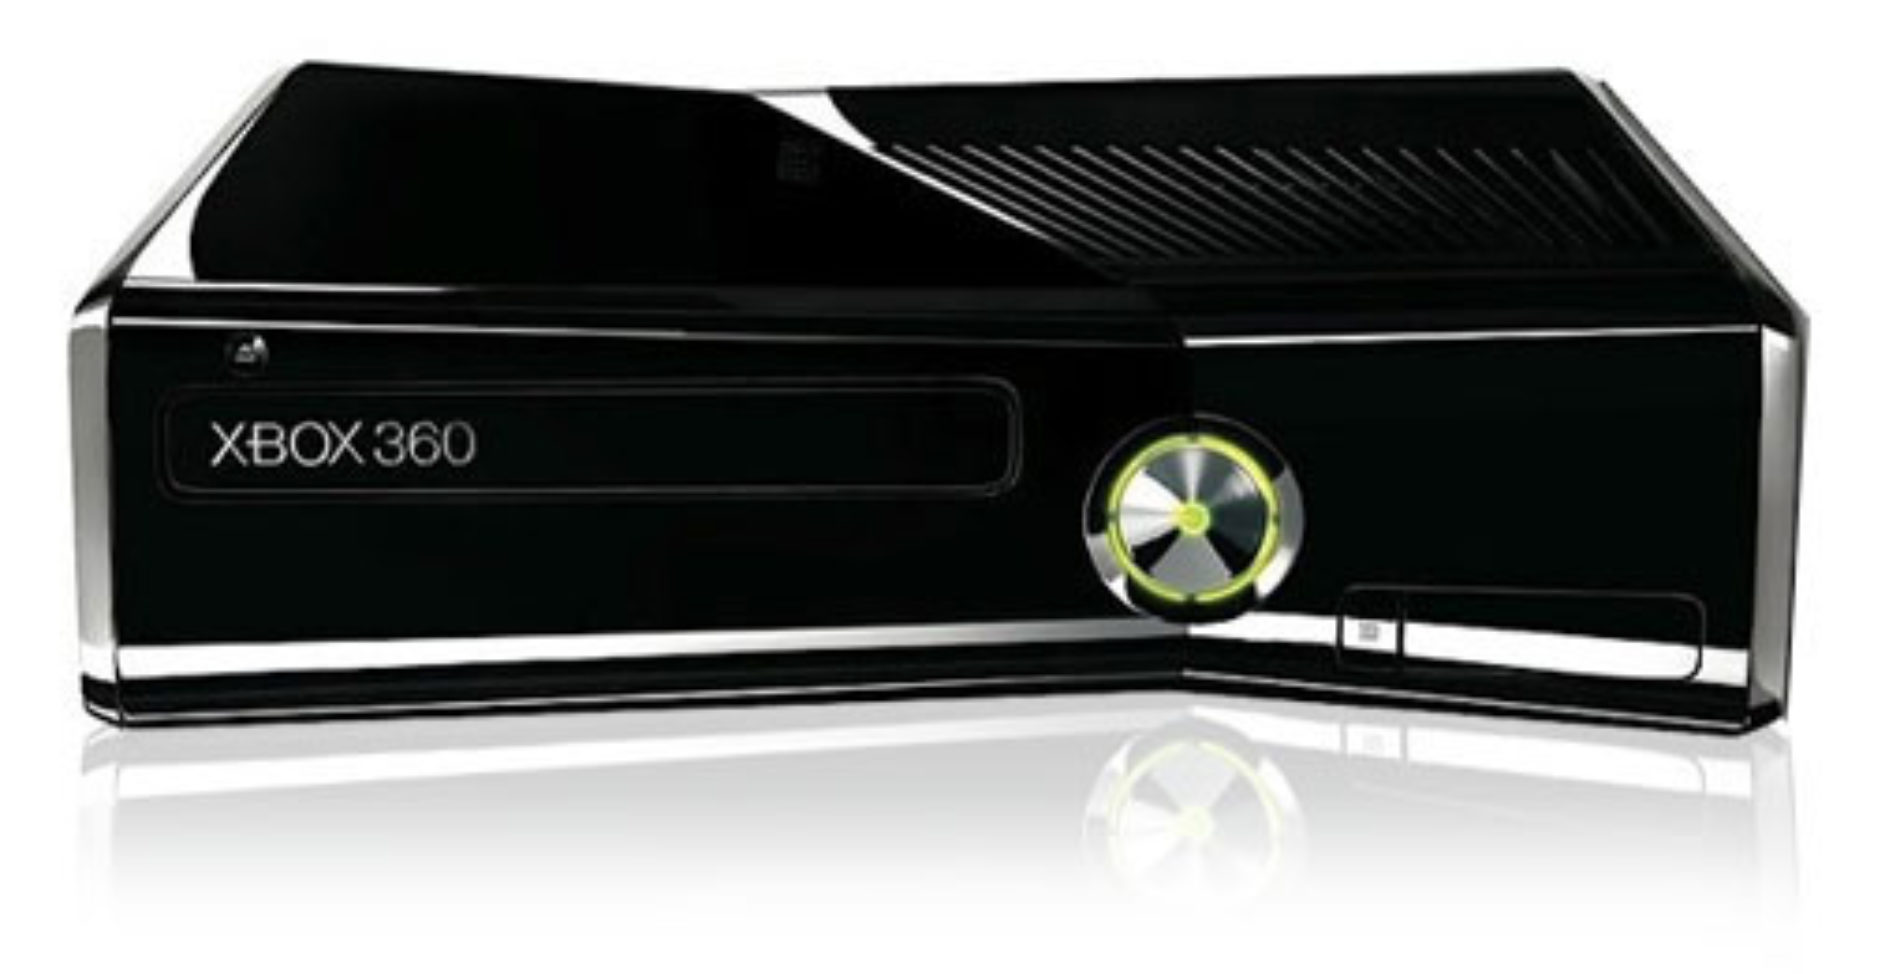 Ремонт игровых приставок Xbox 360 Slim